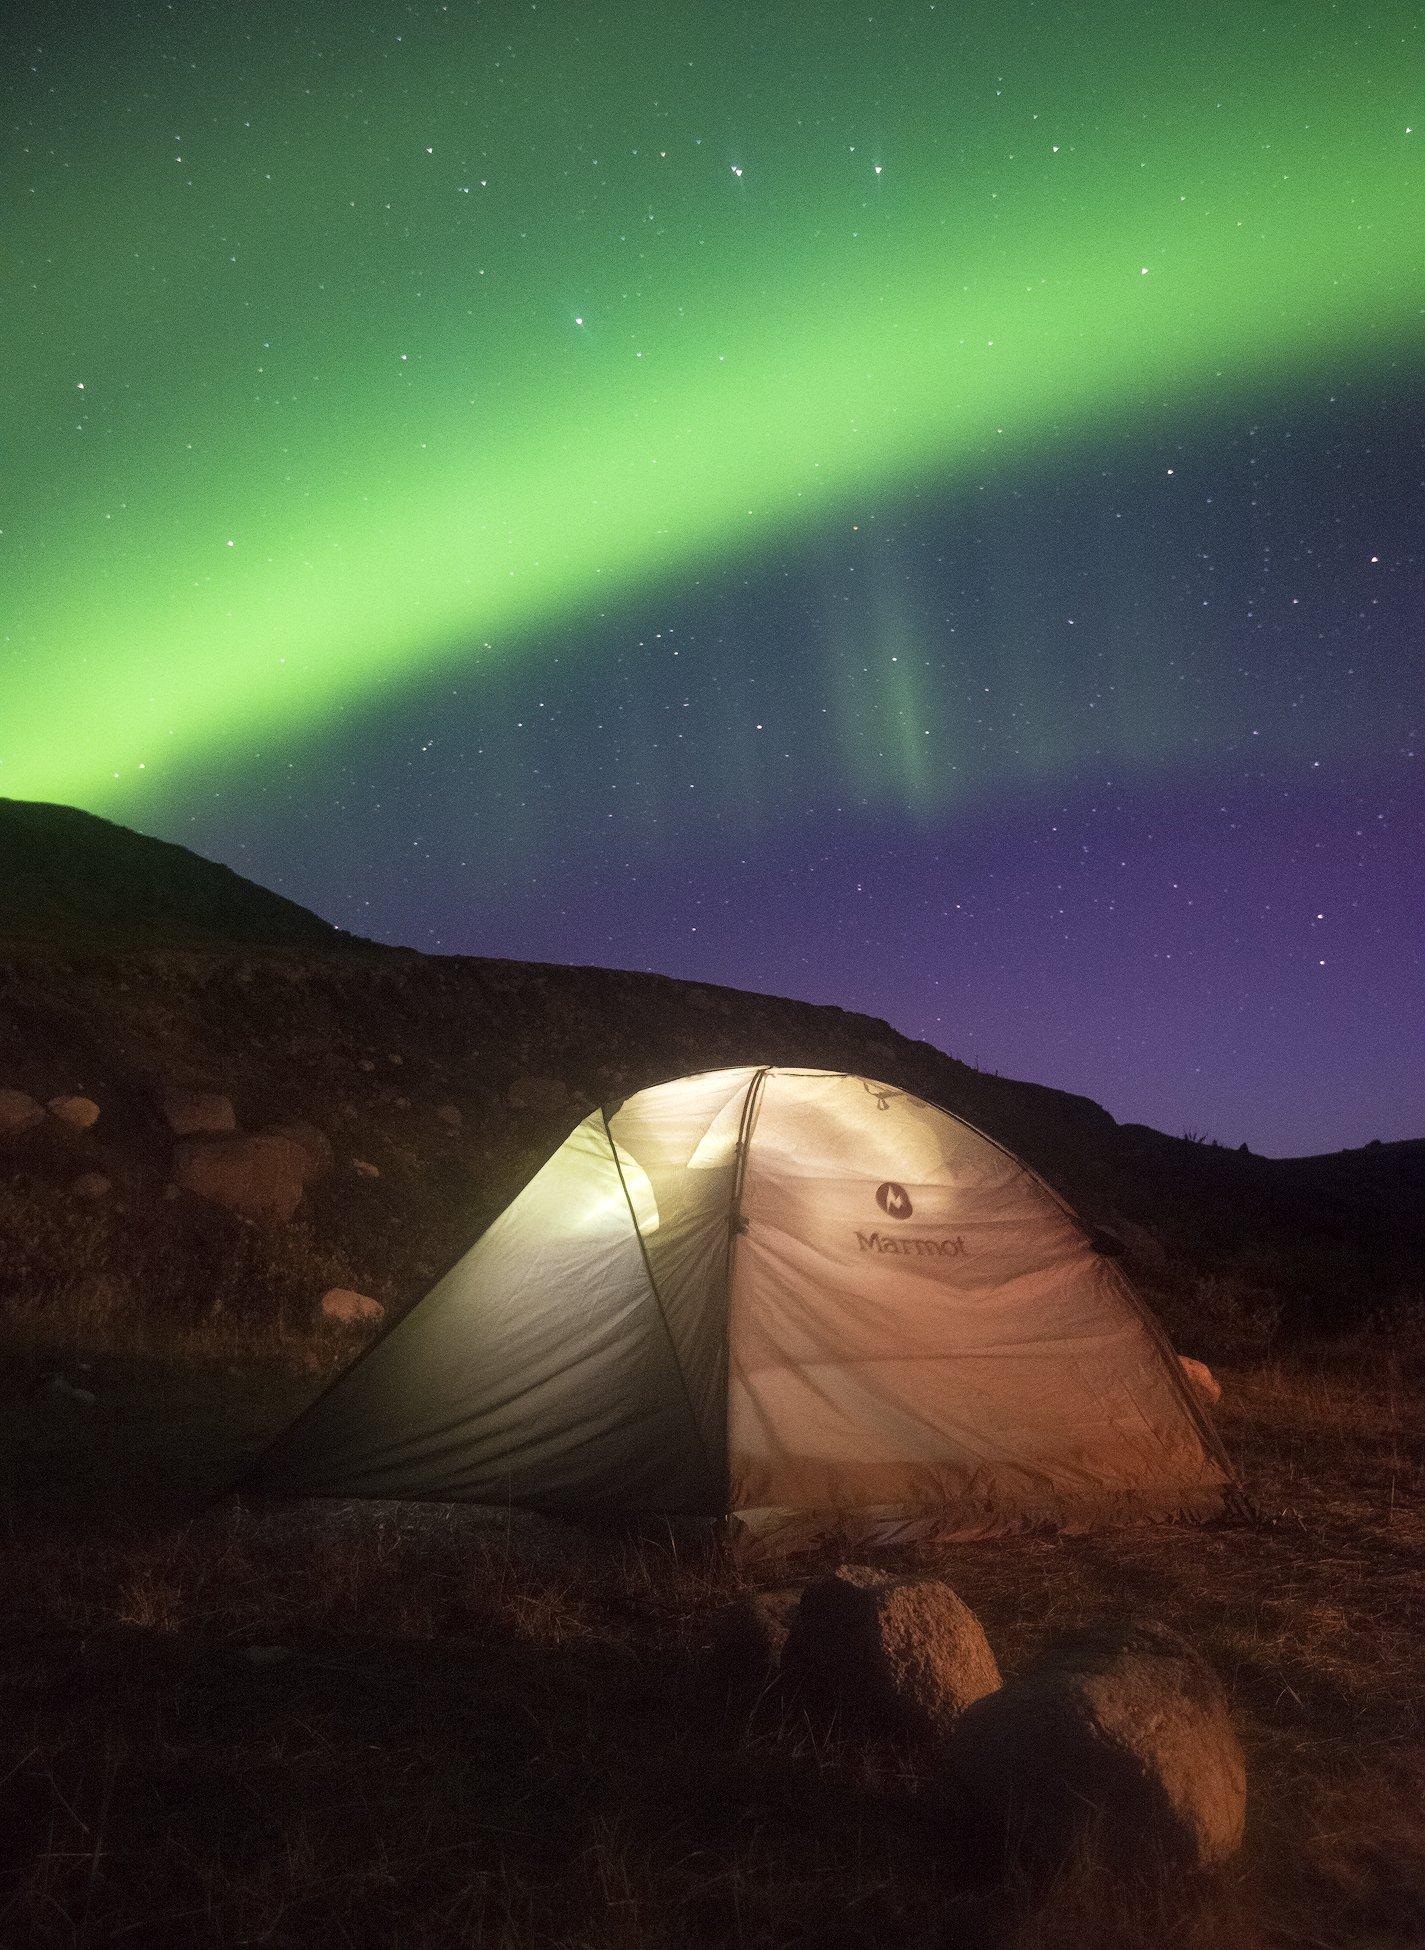 Северное сияние, Aurora Borealis, Дальние Зеленцы, Кольский полуостров, Анастасия Малых